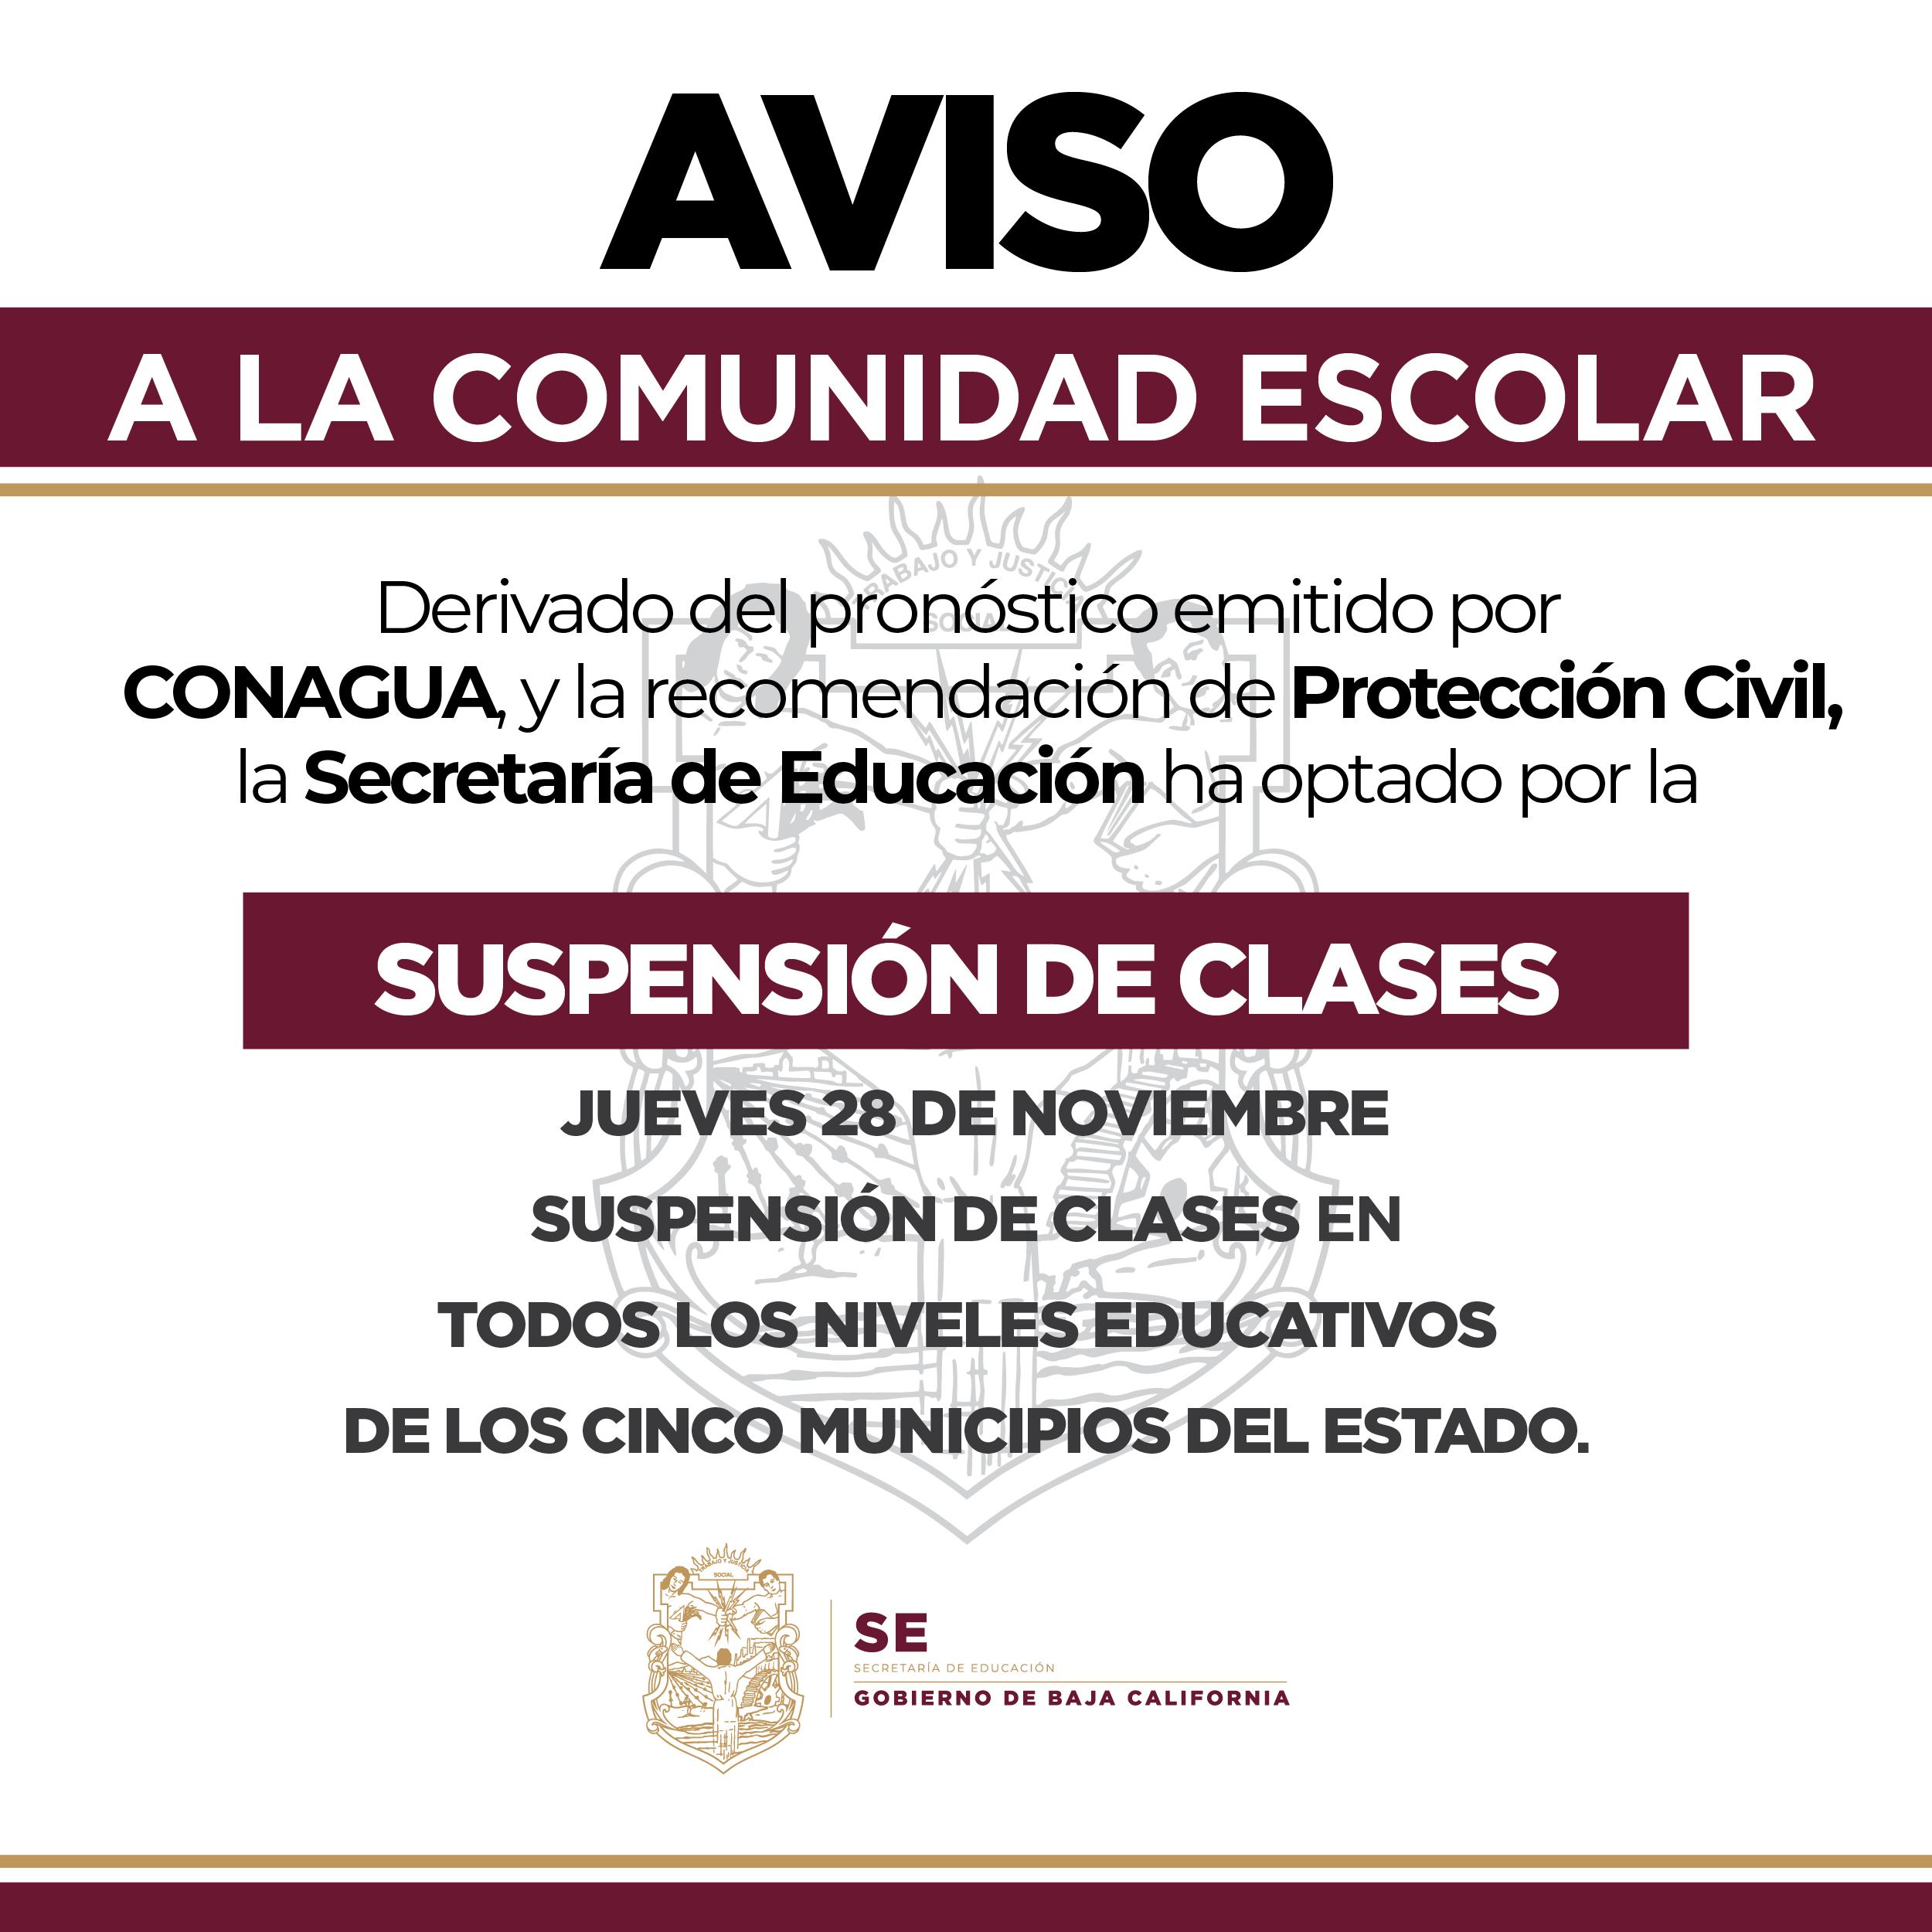 Se suspenden clases en todos los niveles educativos de los 5 municipios de BC este jueves 28 de noviembre